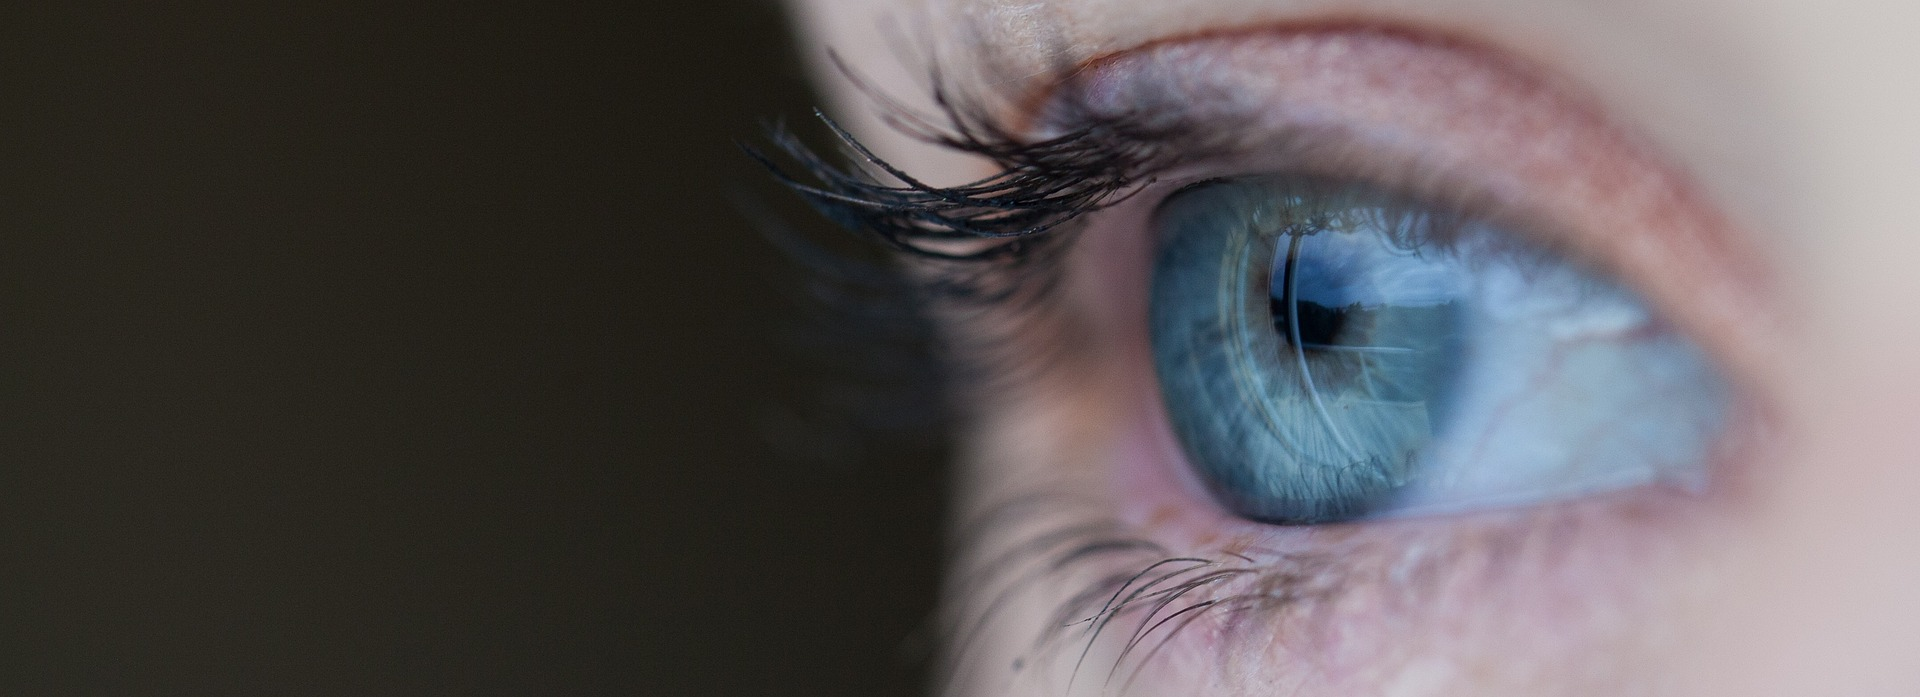 Vil du gerne slippe for brillen? Så få lavet en laser øjenoperation hos din øjenlæge Charlottenlund.